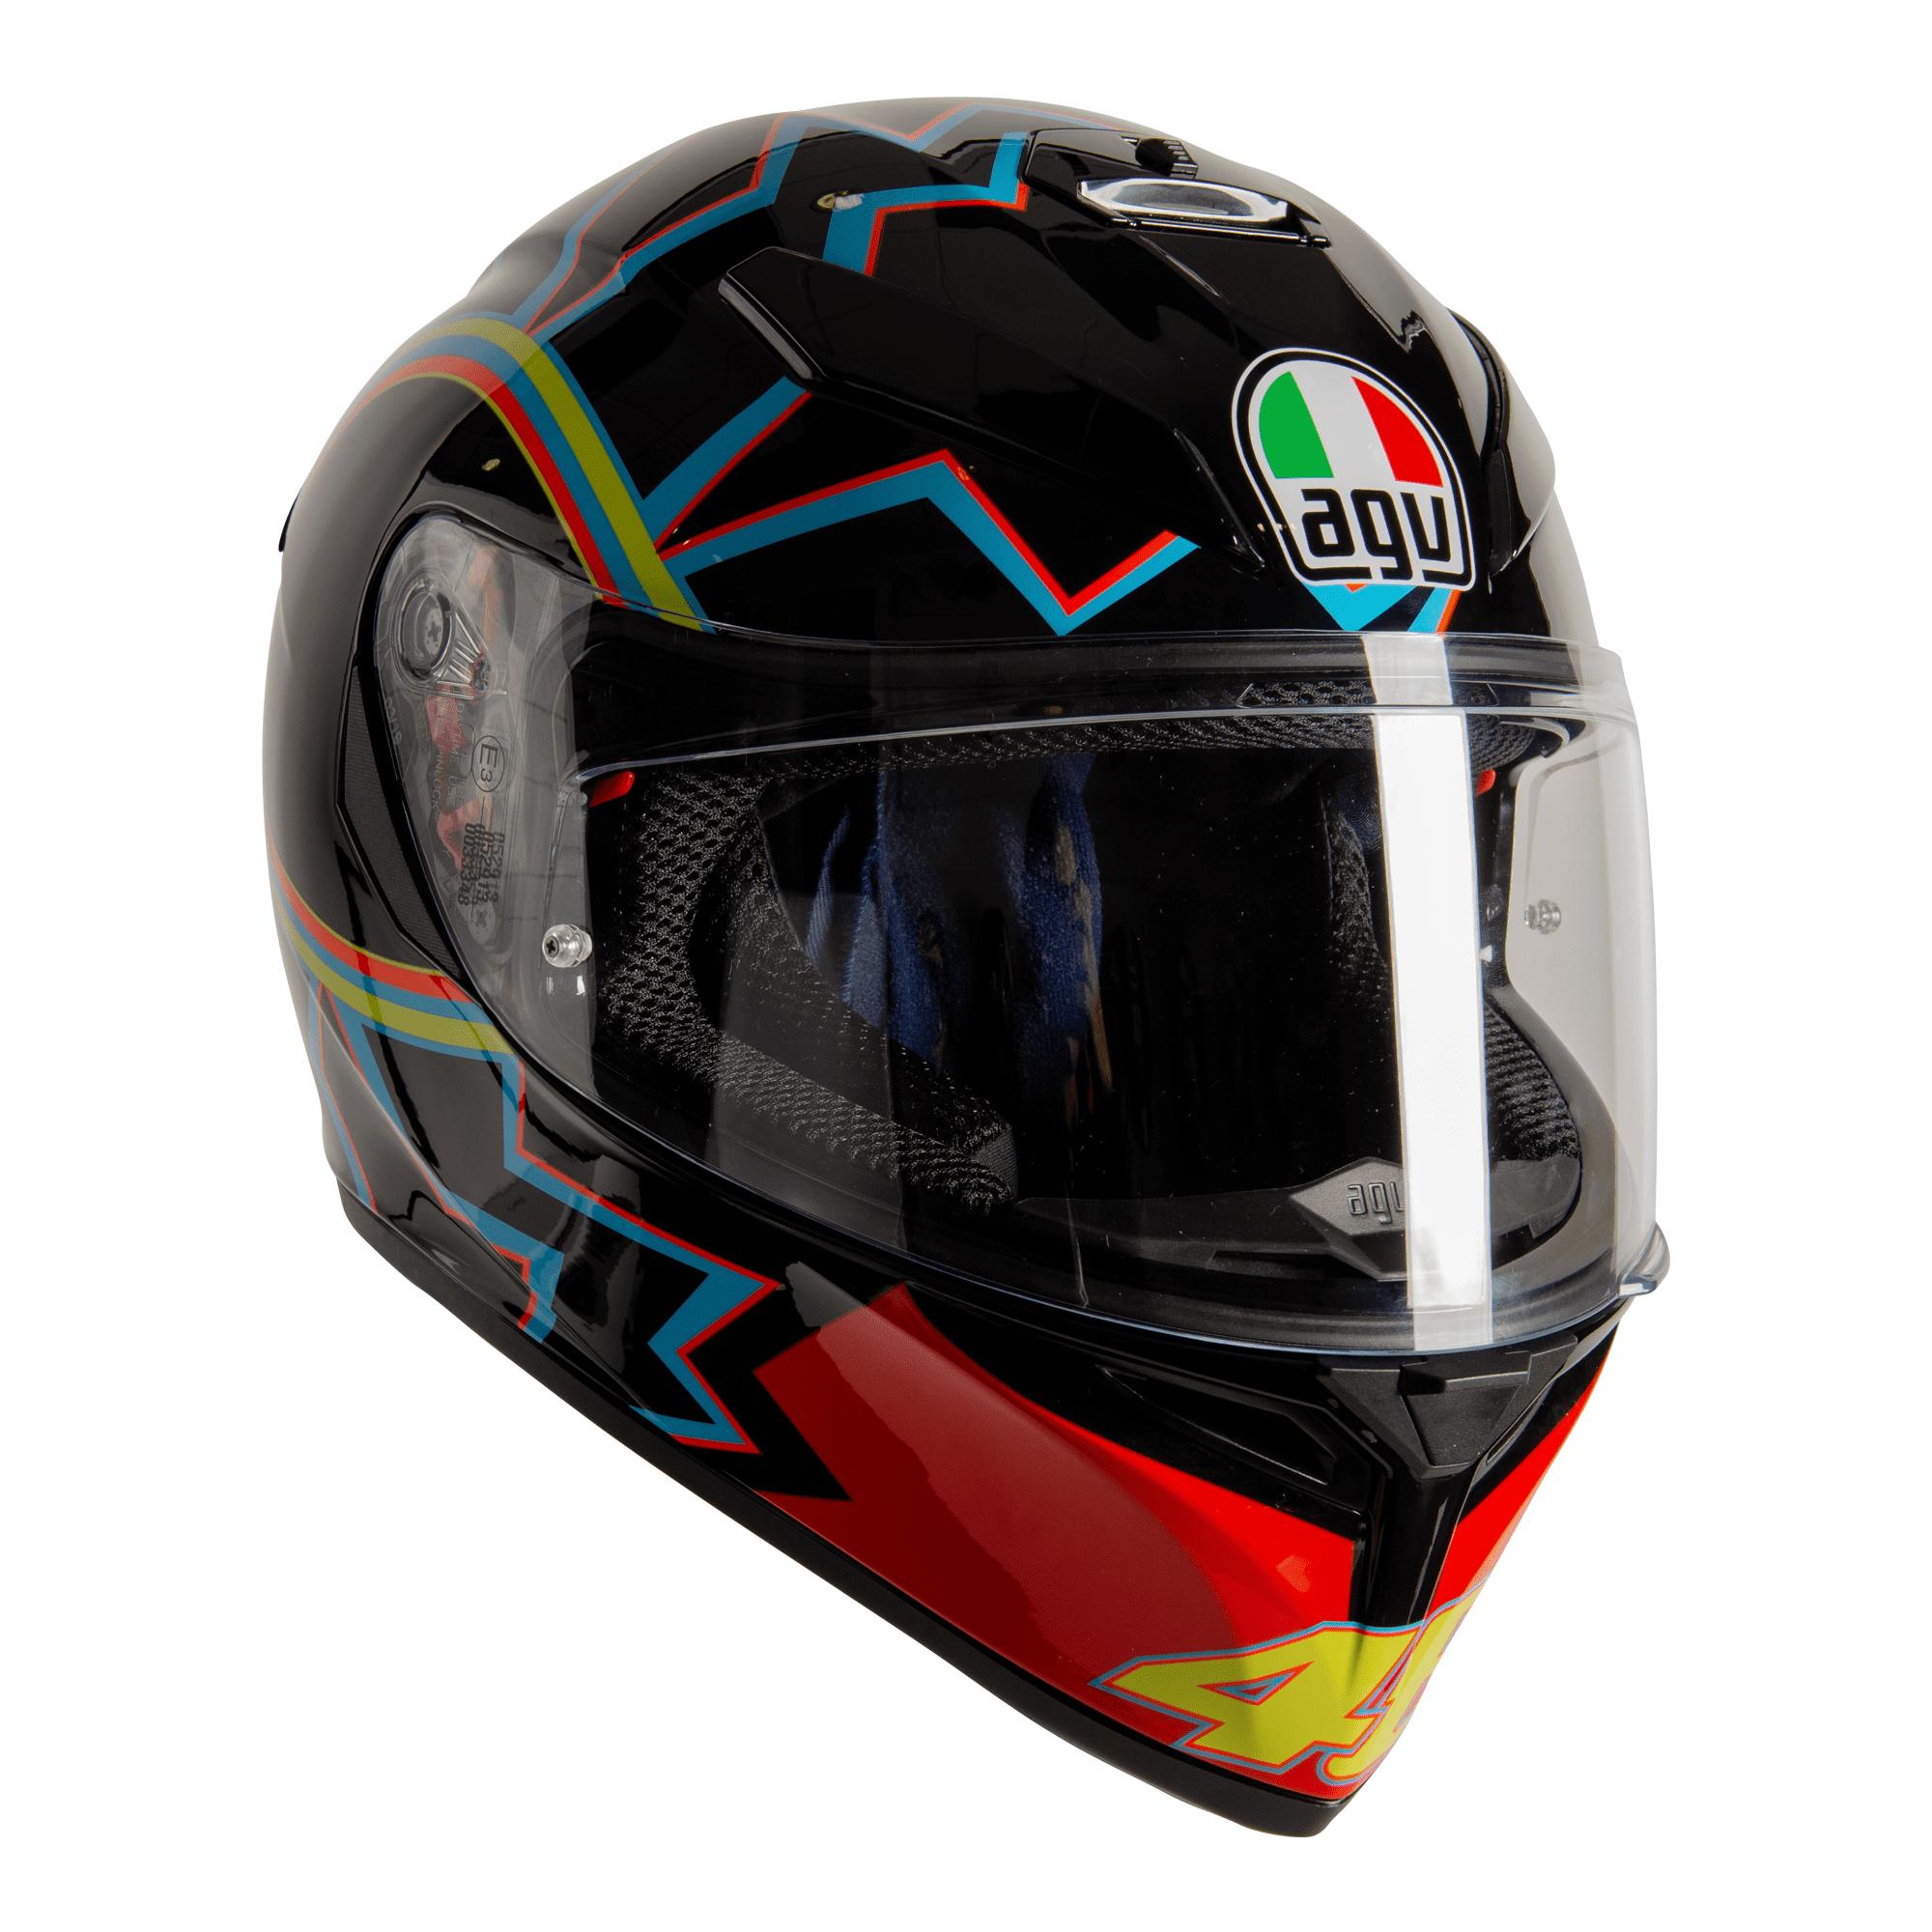 Agv K3 Sv S Vr46 Agv Full Face Helmets Free Uk Delivery